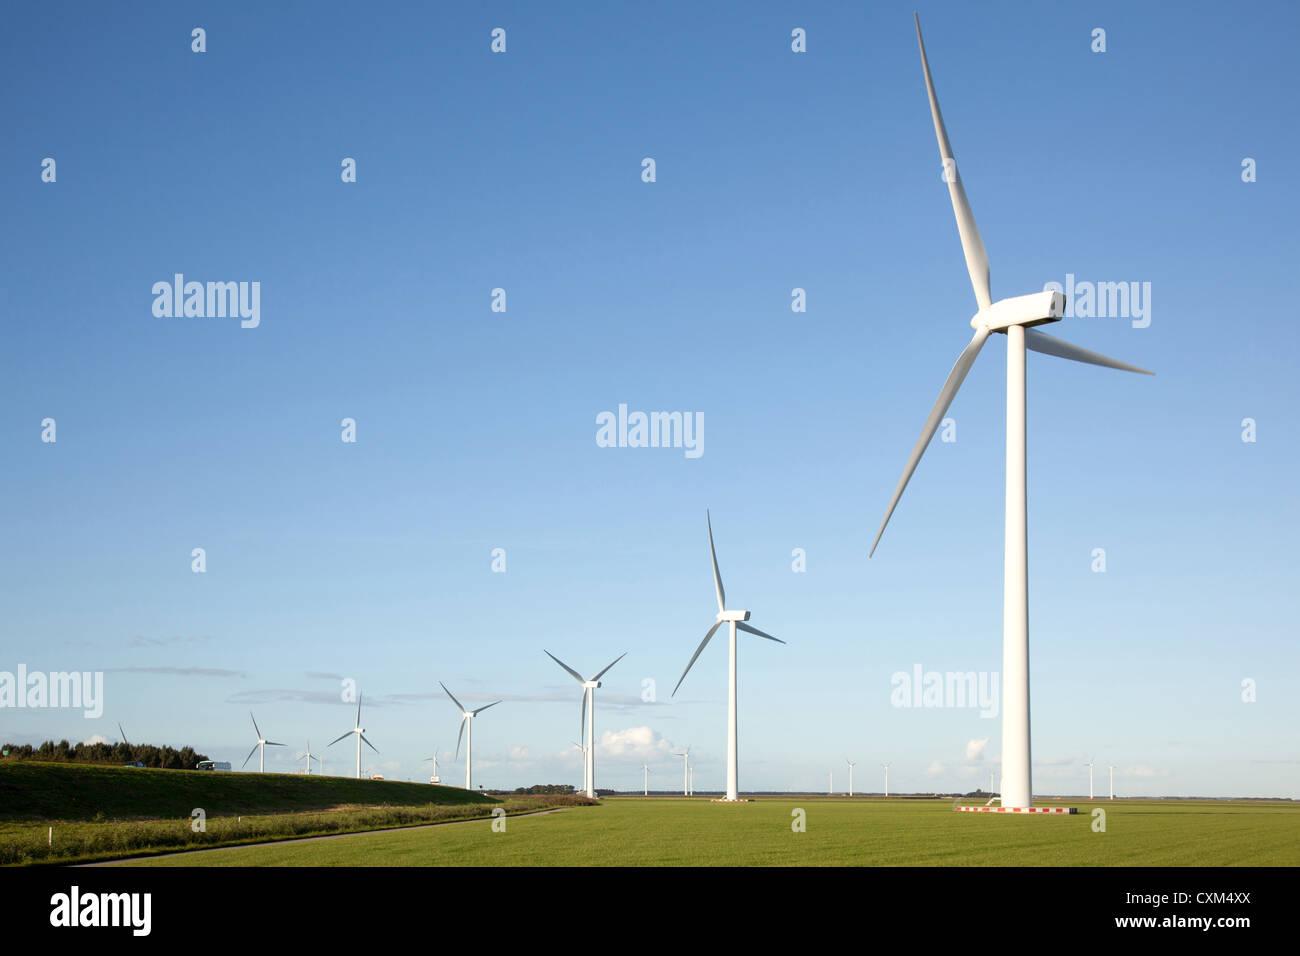 Éoliennes dans une ligne dans la province néerlandaise du Flevoland Photo Stock